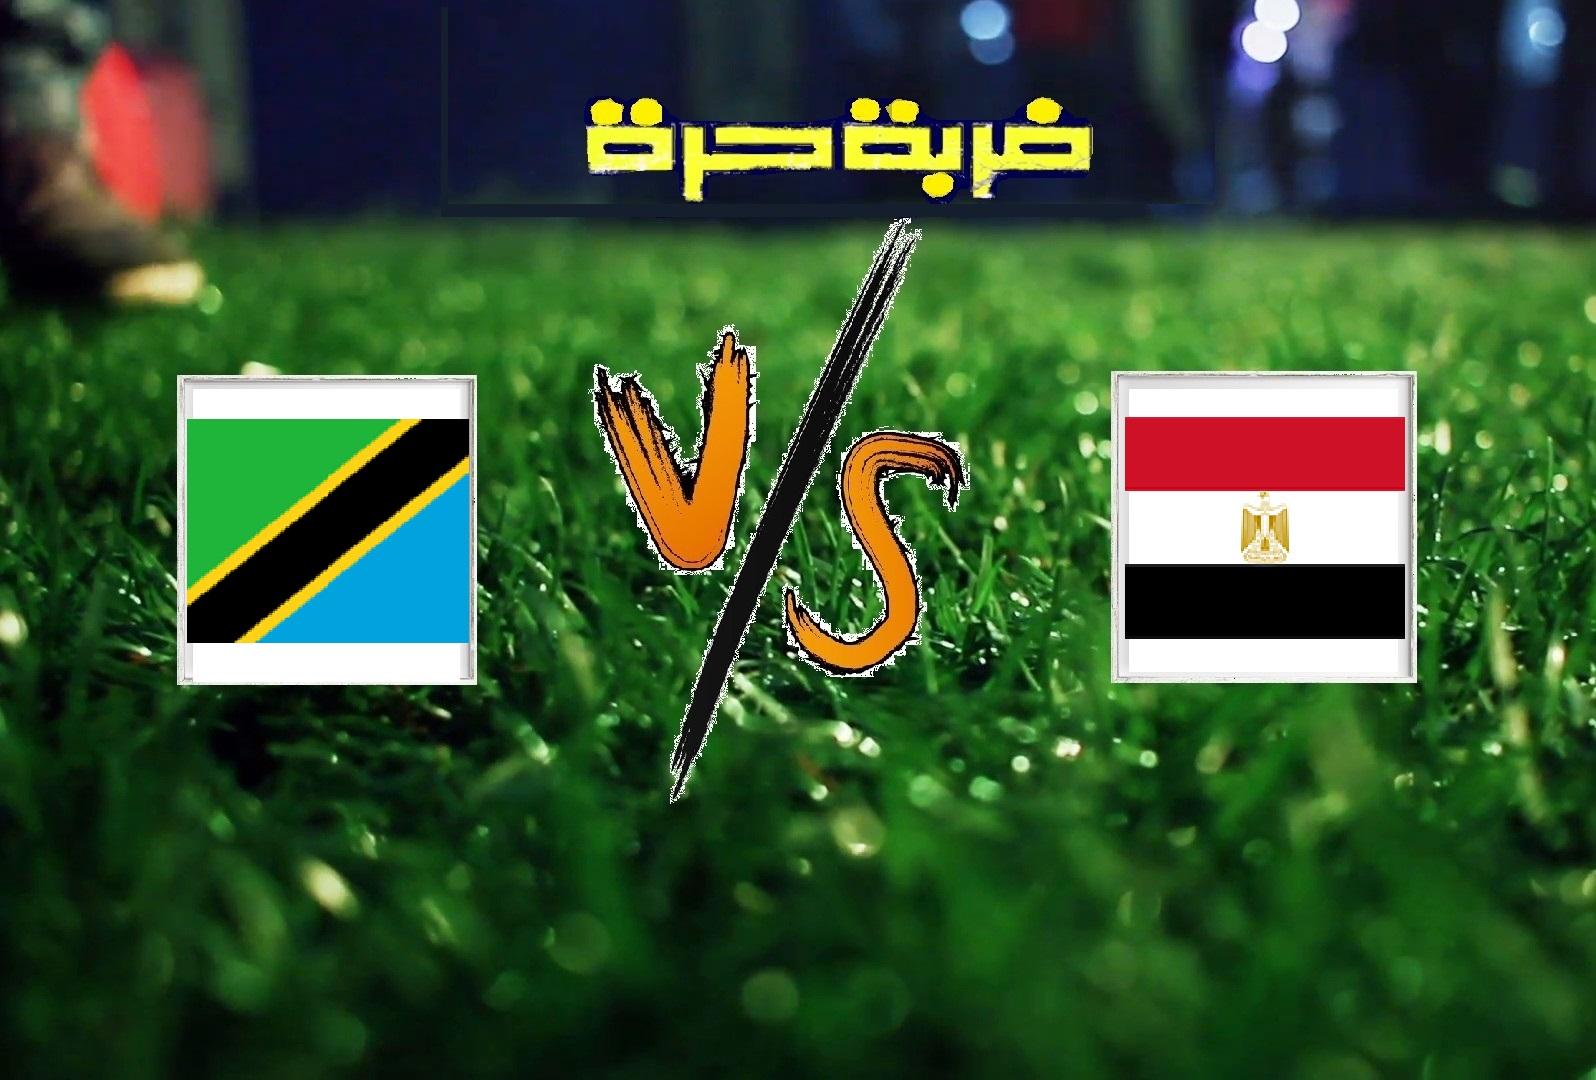 مصر تفوز على تنزانيا بهدف دون رد في المباراة الودية اليوم